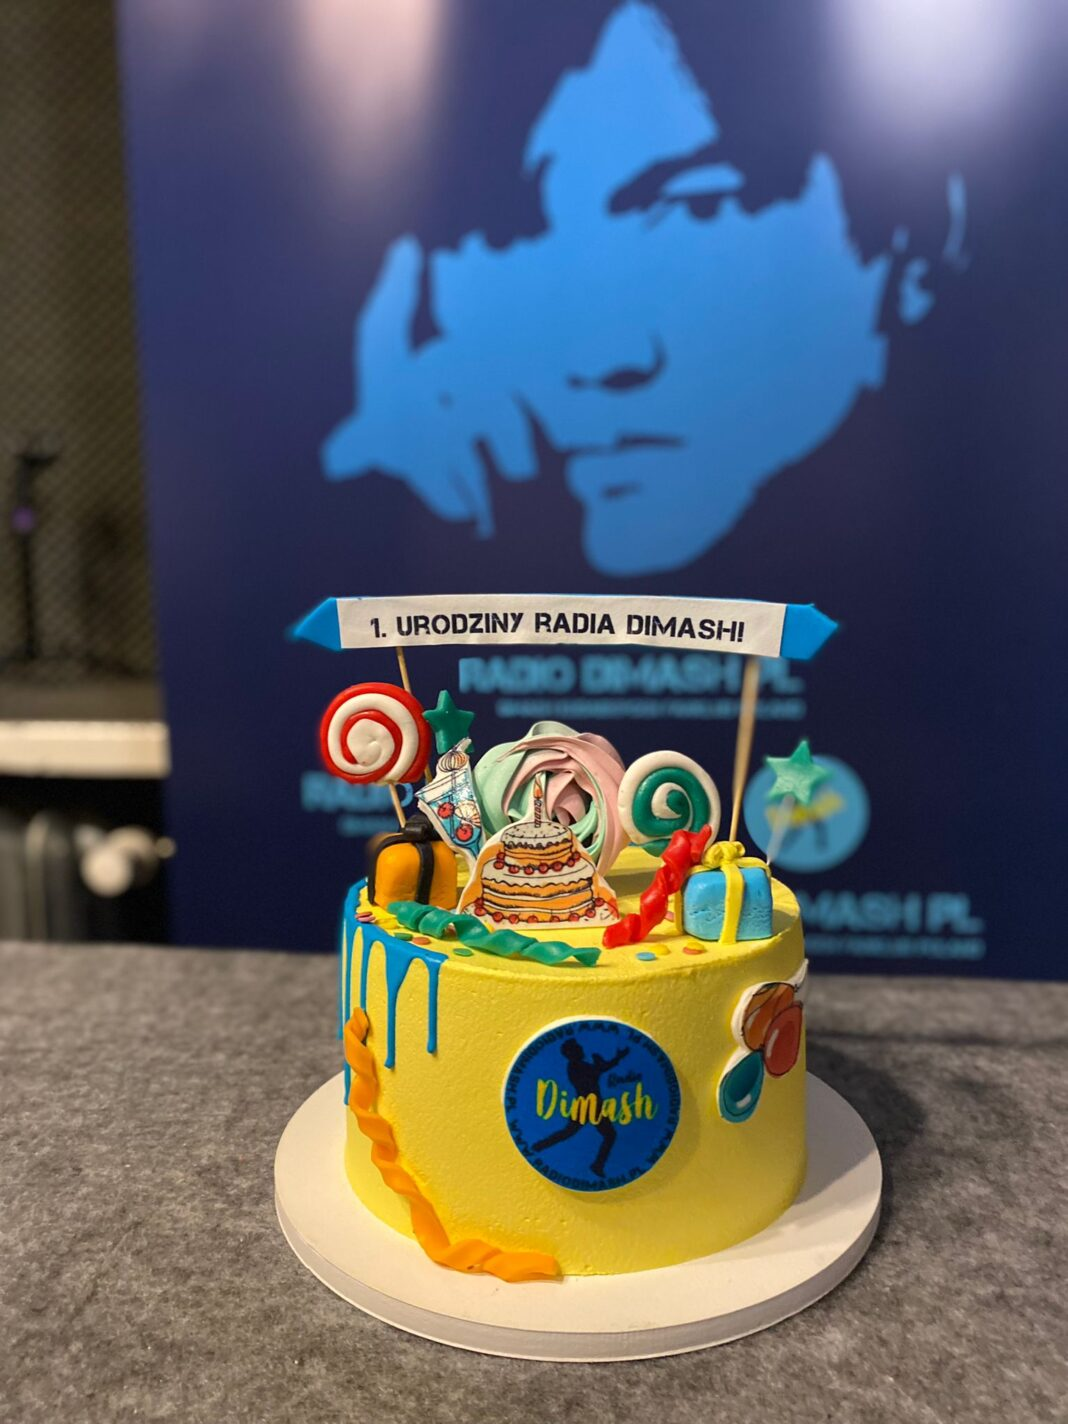 Посол Казахстана в Польше поздравил радио «Dimash» с годовщиной